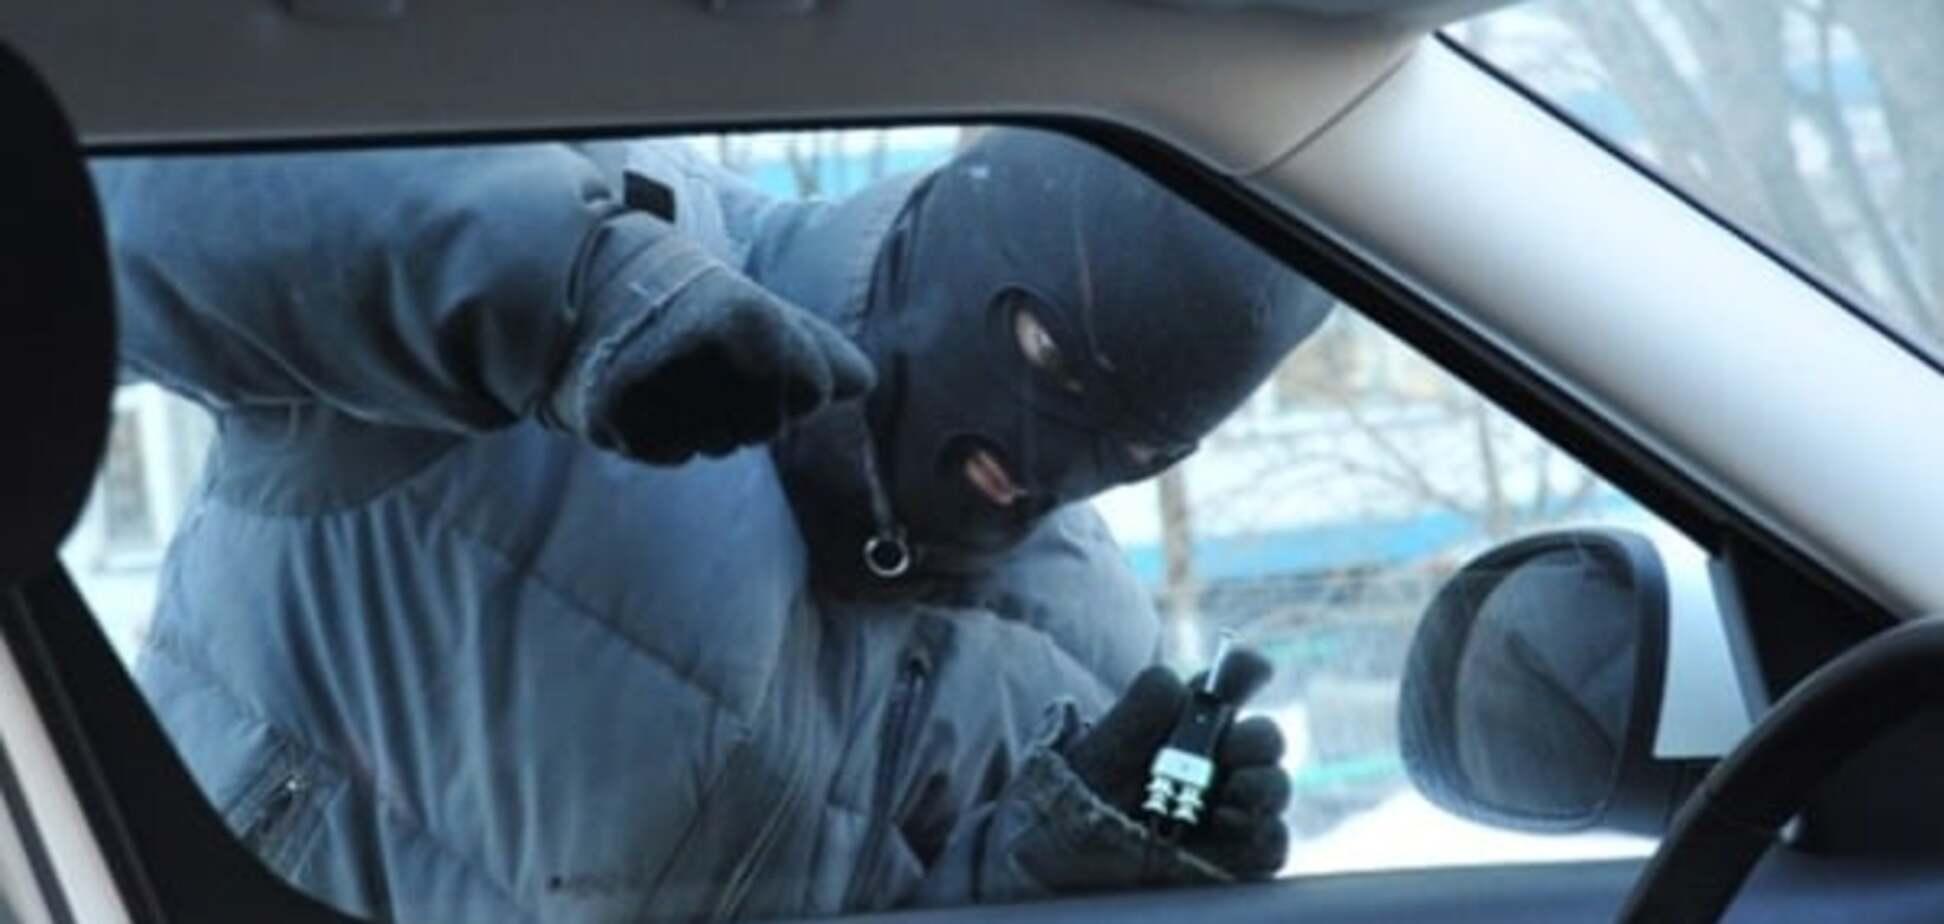 Рост преступности в Киеве: на охраняемых стоянках начали вскрывать автомобили